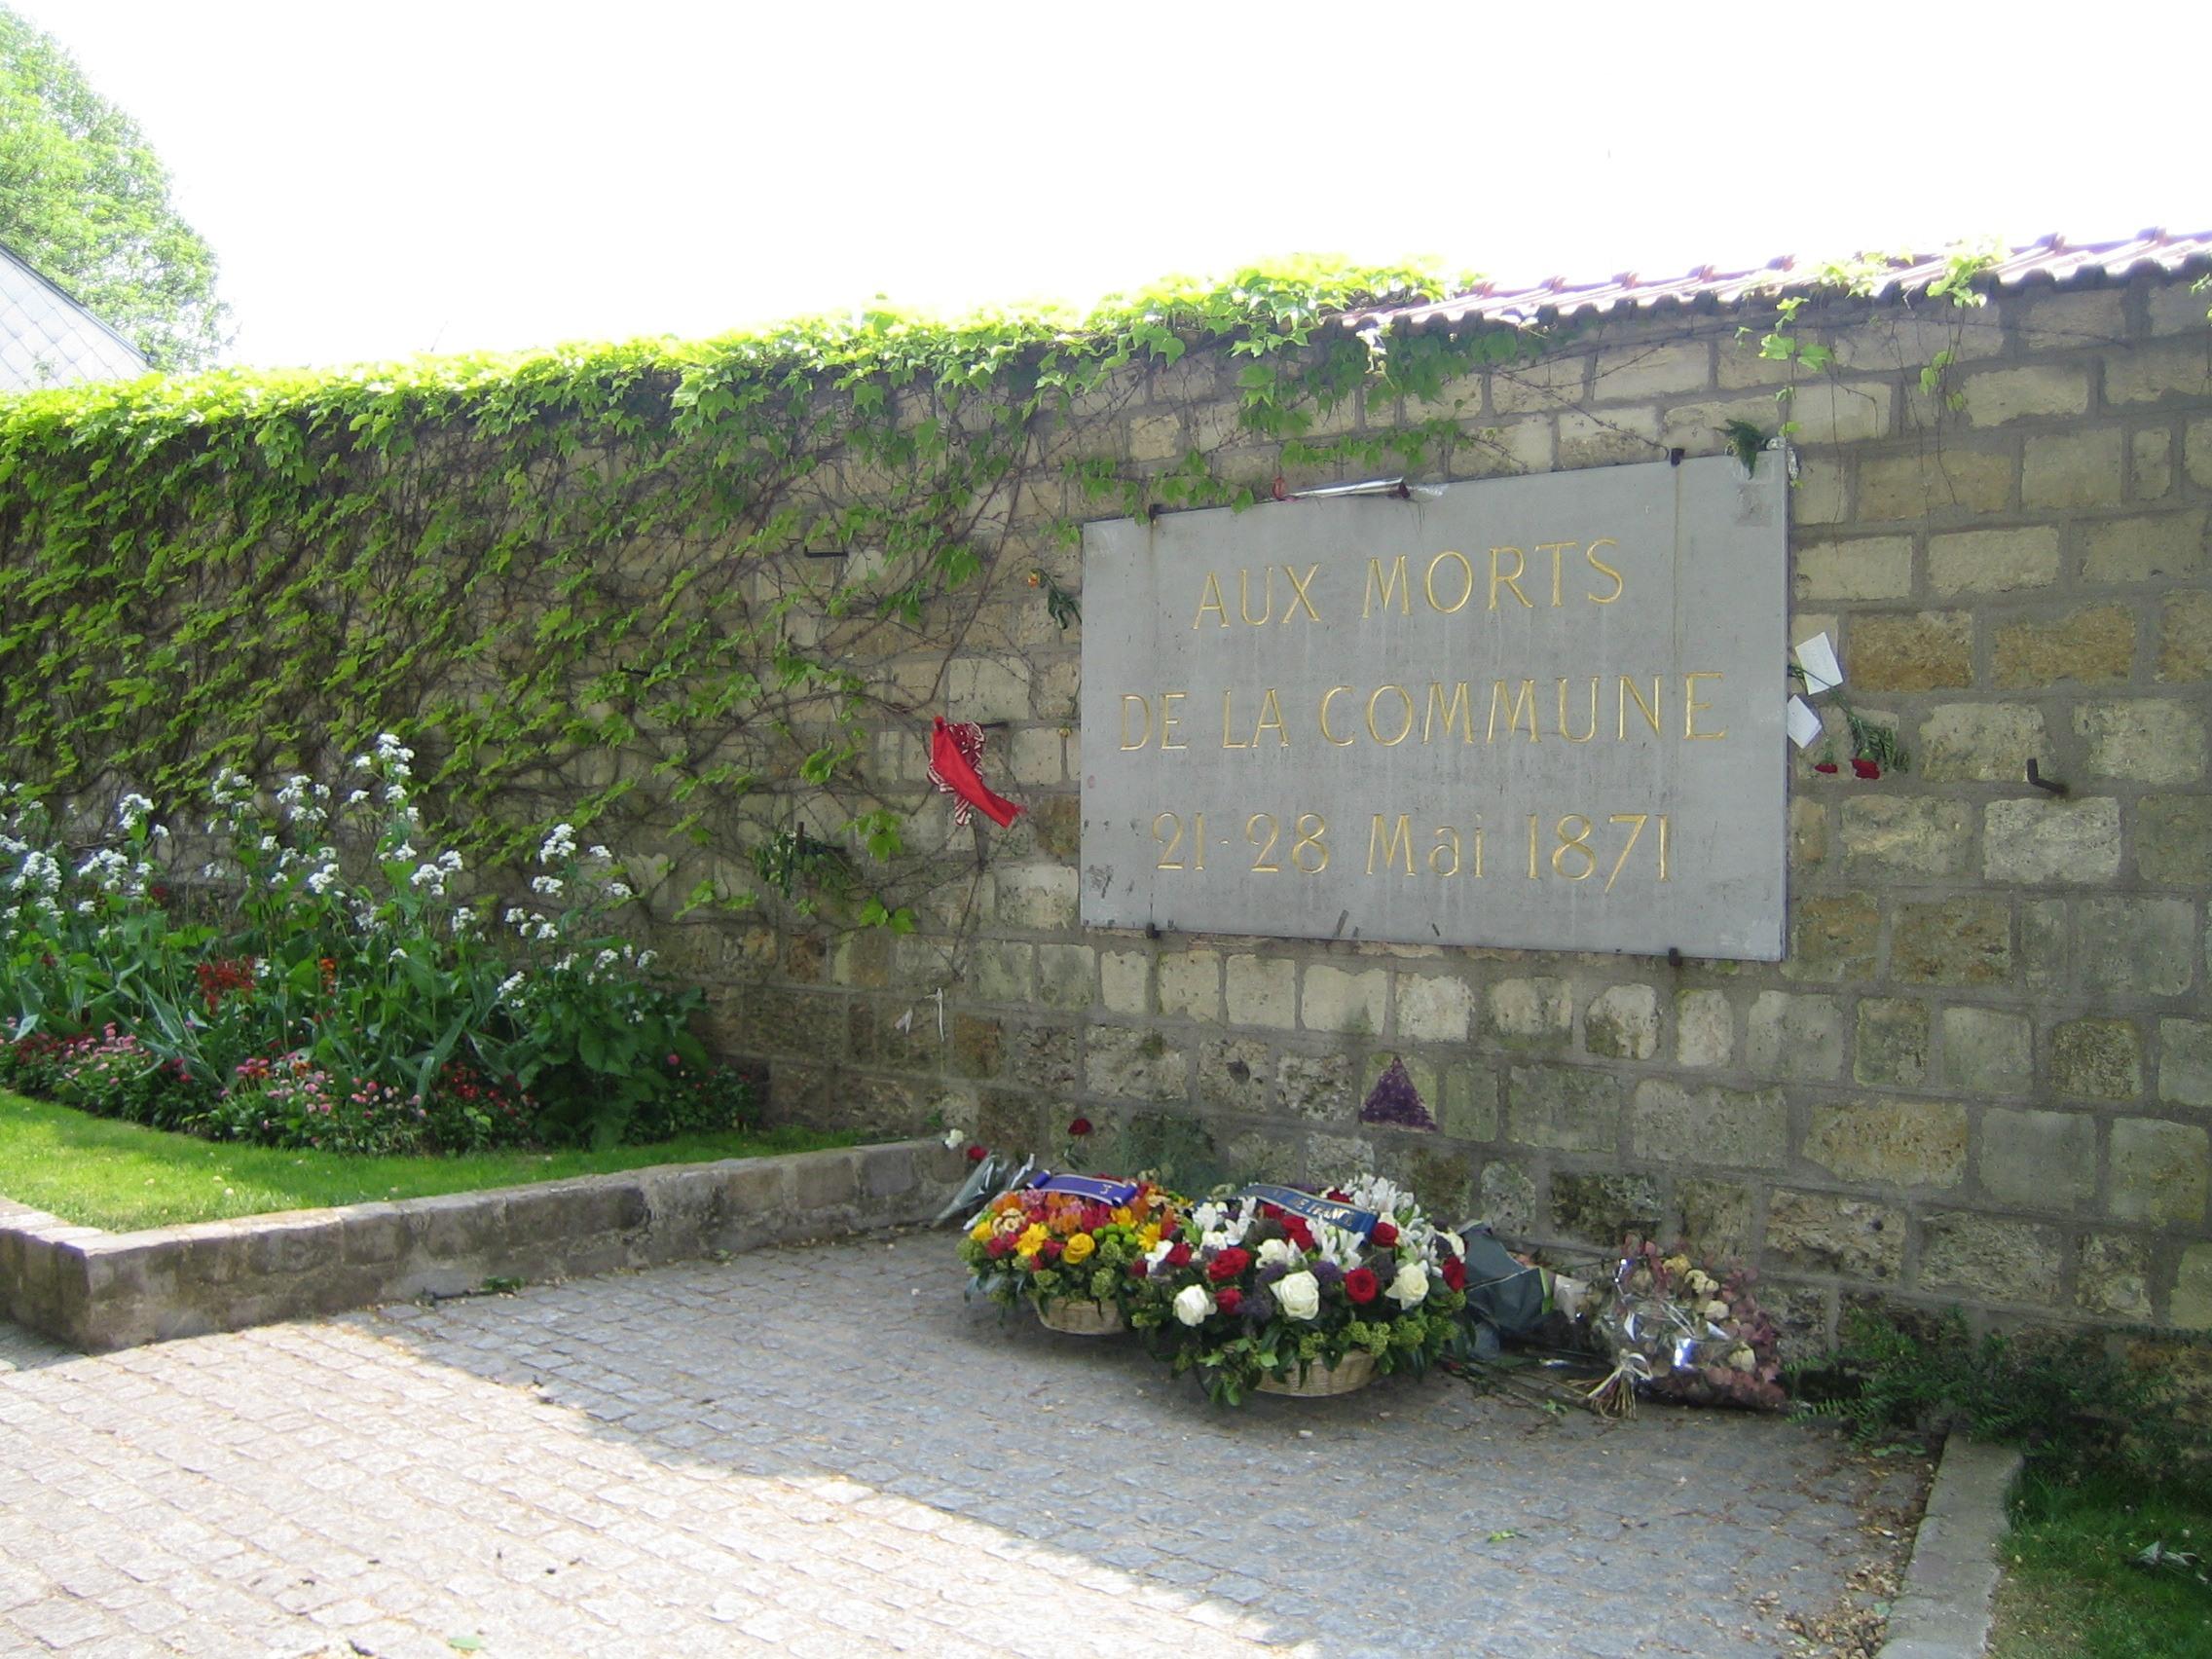 """Kommunardernes Mur, Le mur des Fédérés på Päre-Lachaise Kirkegård i Paris, hvor kommunarderne blev trængt sammen og skudt ned. (Wikipedia.org). Tekst på mindeplade: """"Til Kommunens døde 21 - 28 maj 1871"""". Siden samlende optogs-sted (som Fælledparken i Kbh.) for den franske venstrefløj. Foto: Taget 8. maj, 2010 af Ade46. (CC BY-NC-ND 2.0)."""